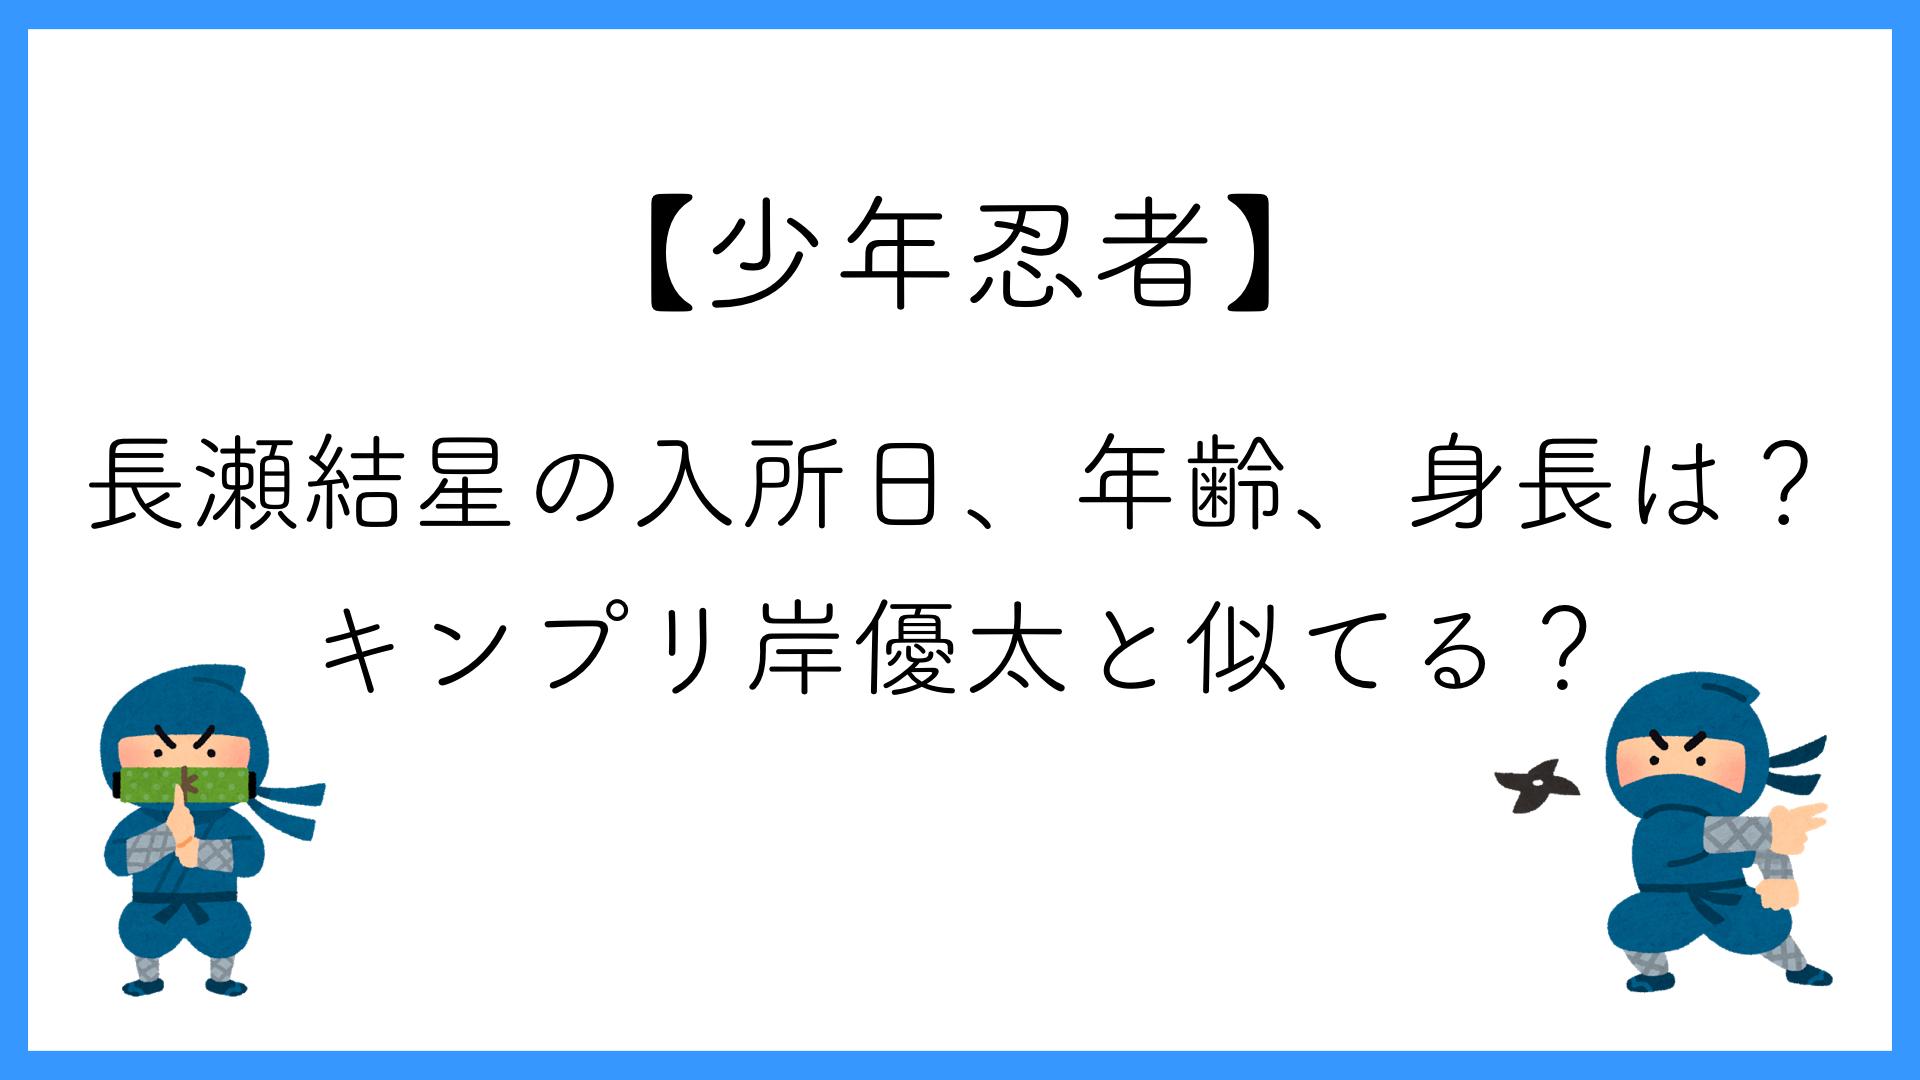 【少年忍者】長瀬結星の入所日、年齢、身長は?キンプリ岸優太と似てる?